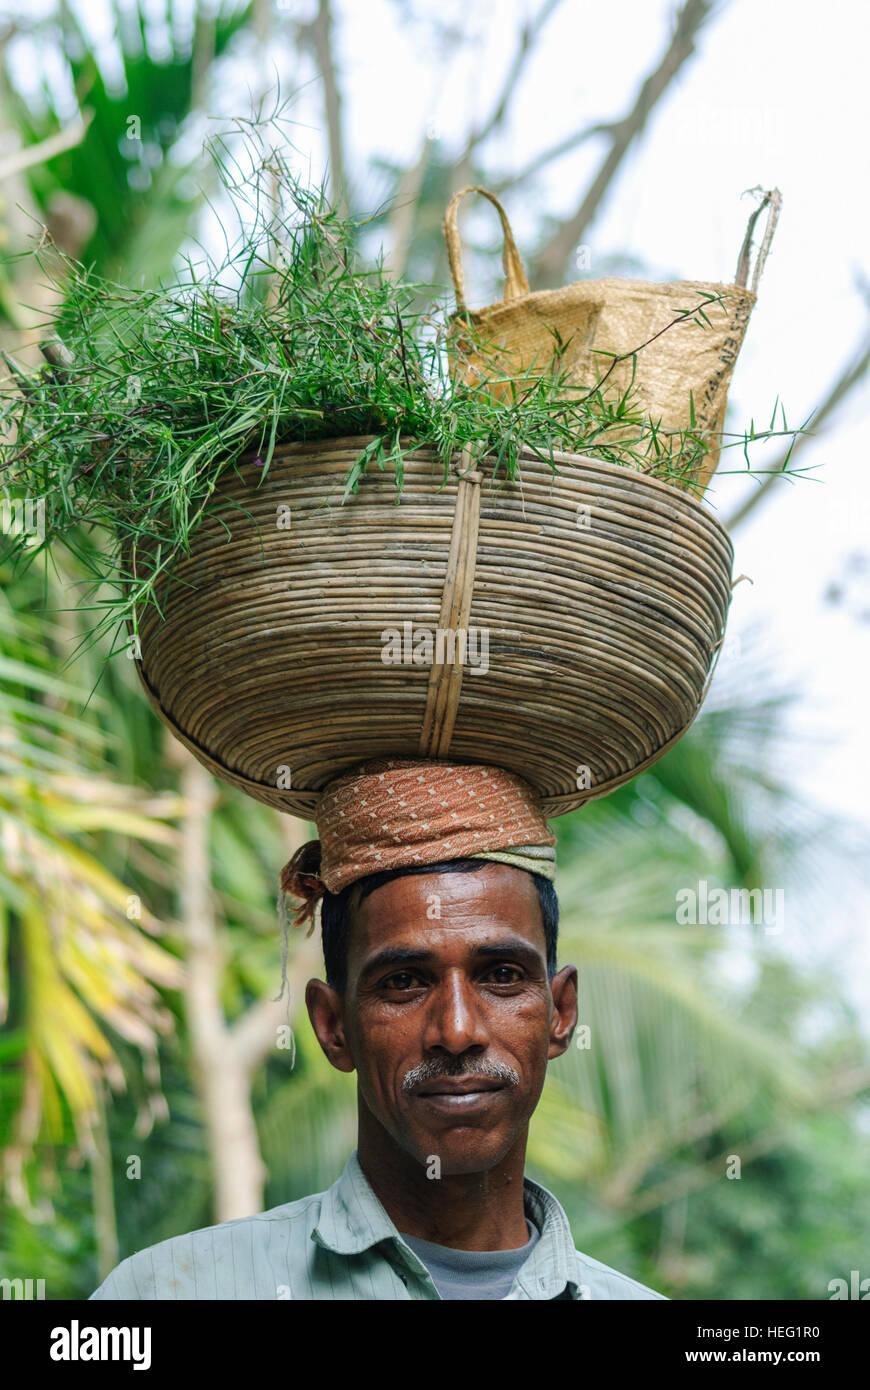 Hariargup: achats sur sa tête, la division de Khulna, Bangladesh Photo Stock